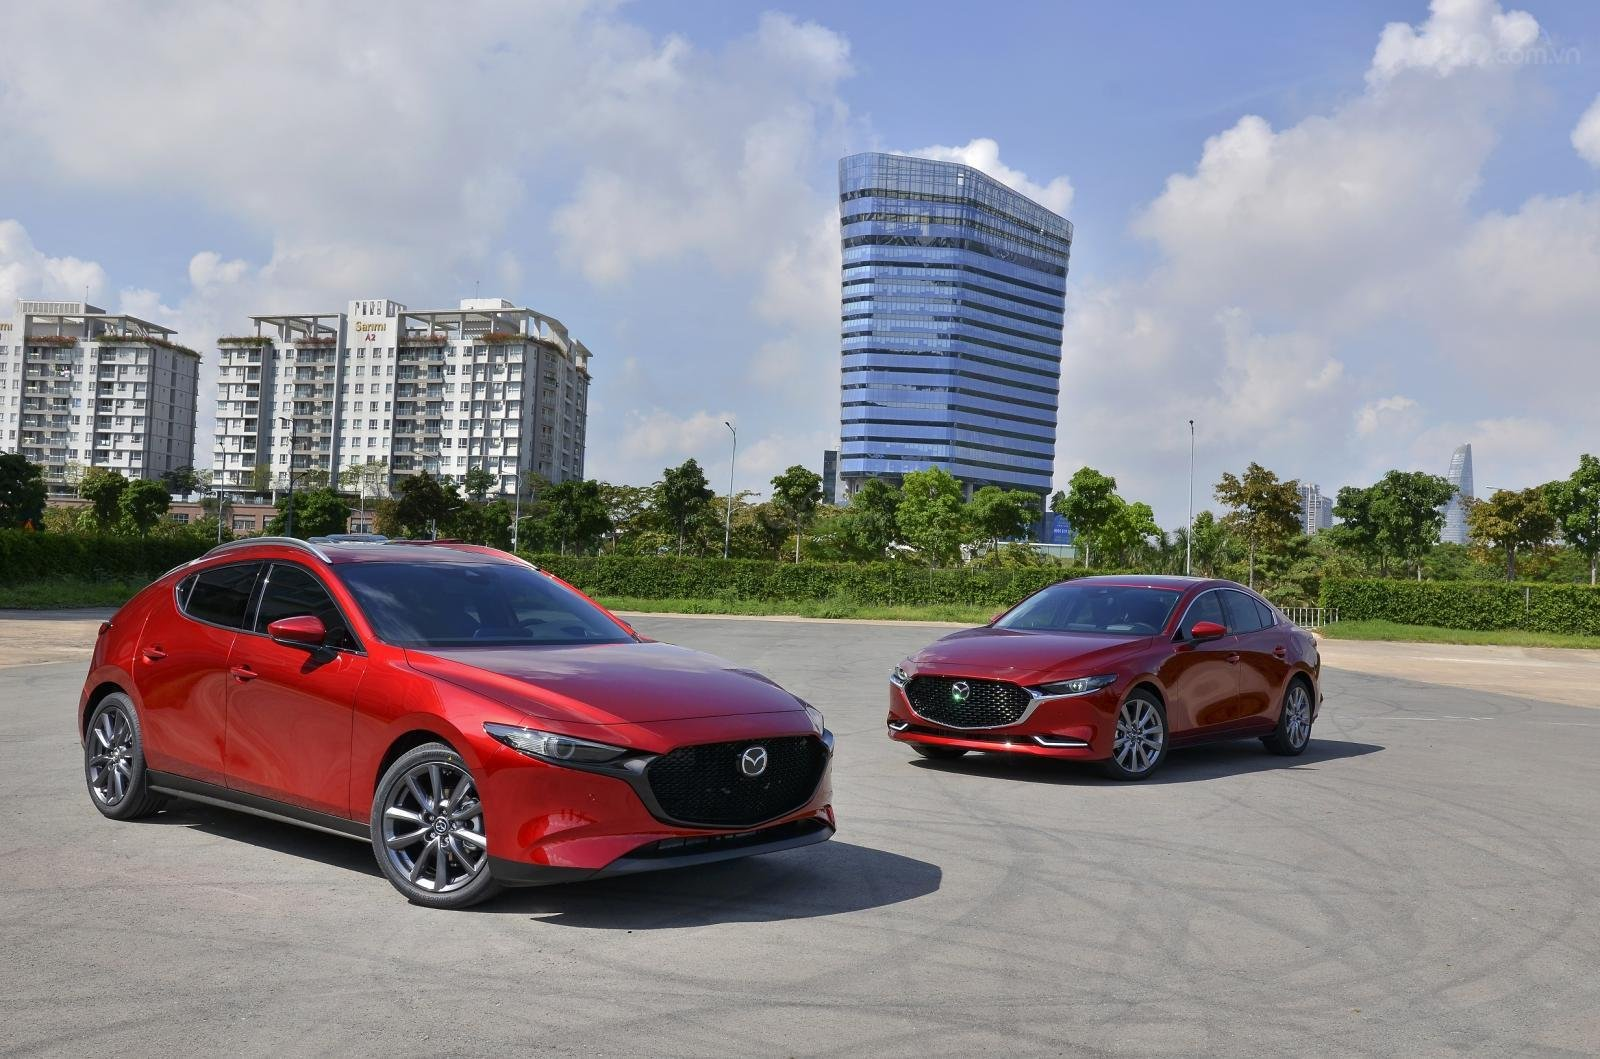 Thông số kỹ thuật xe Mazda 3 2020 thế hệ mới vừa ra mắt Việt Nam